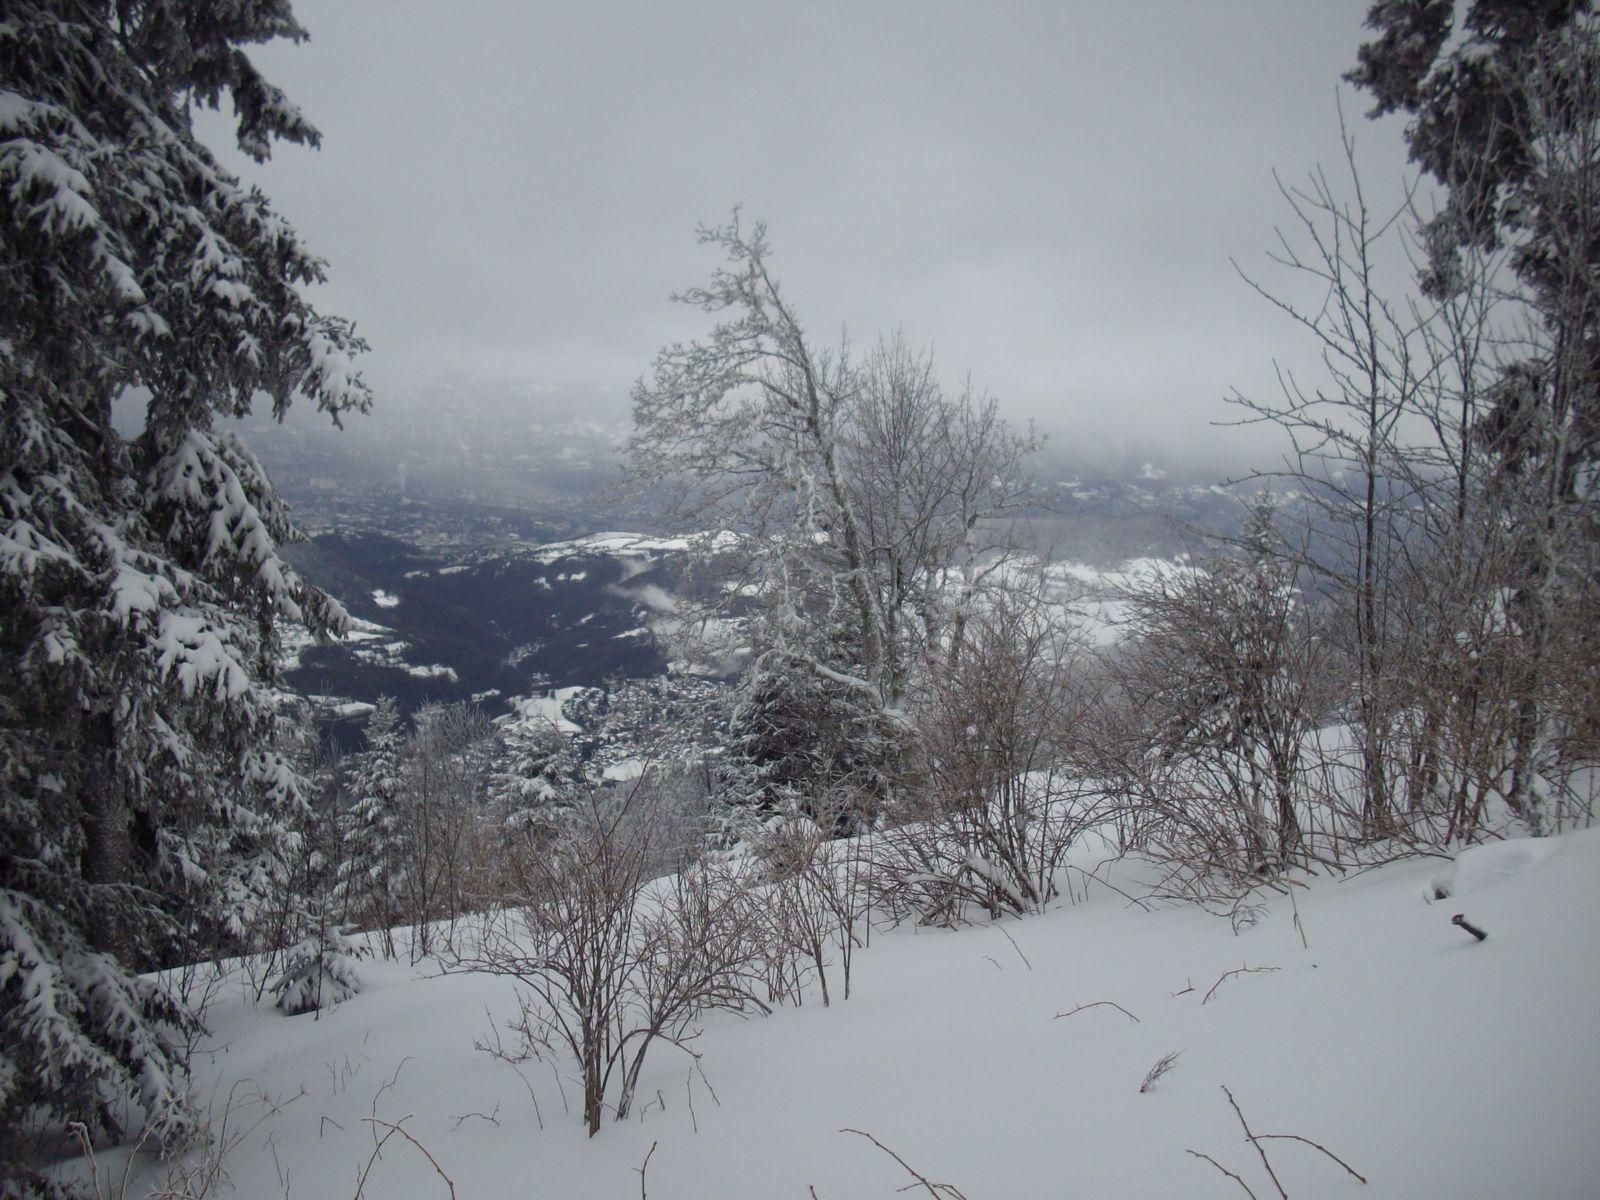 La neige est bien là et le décor bien planté.